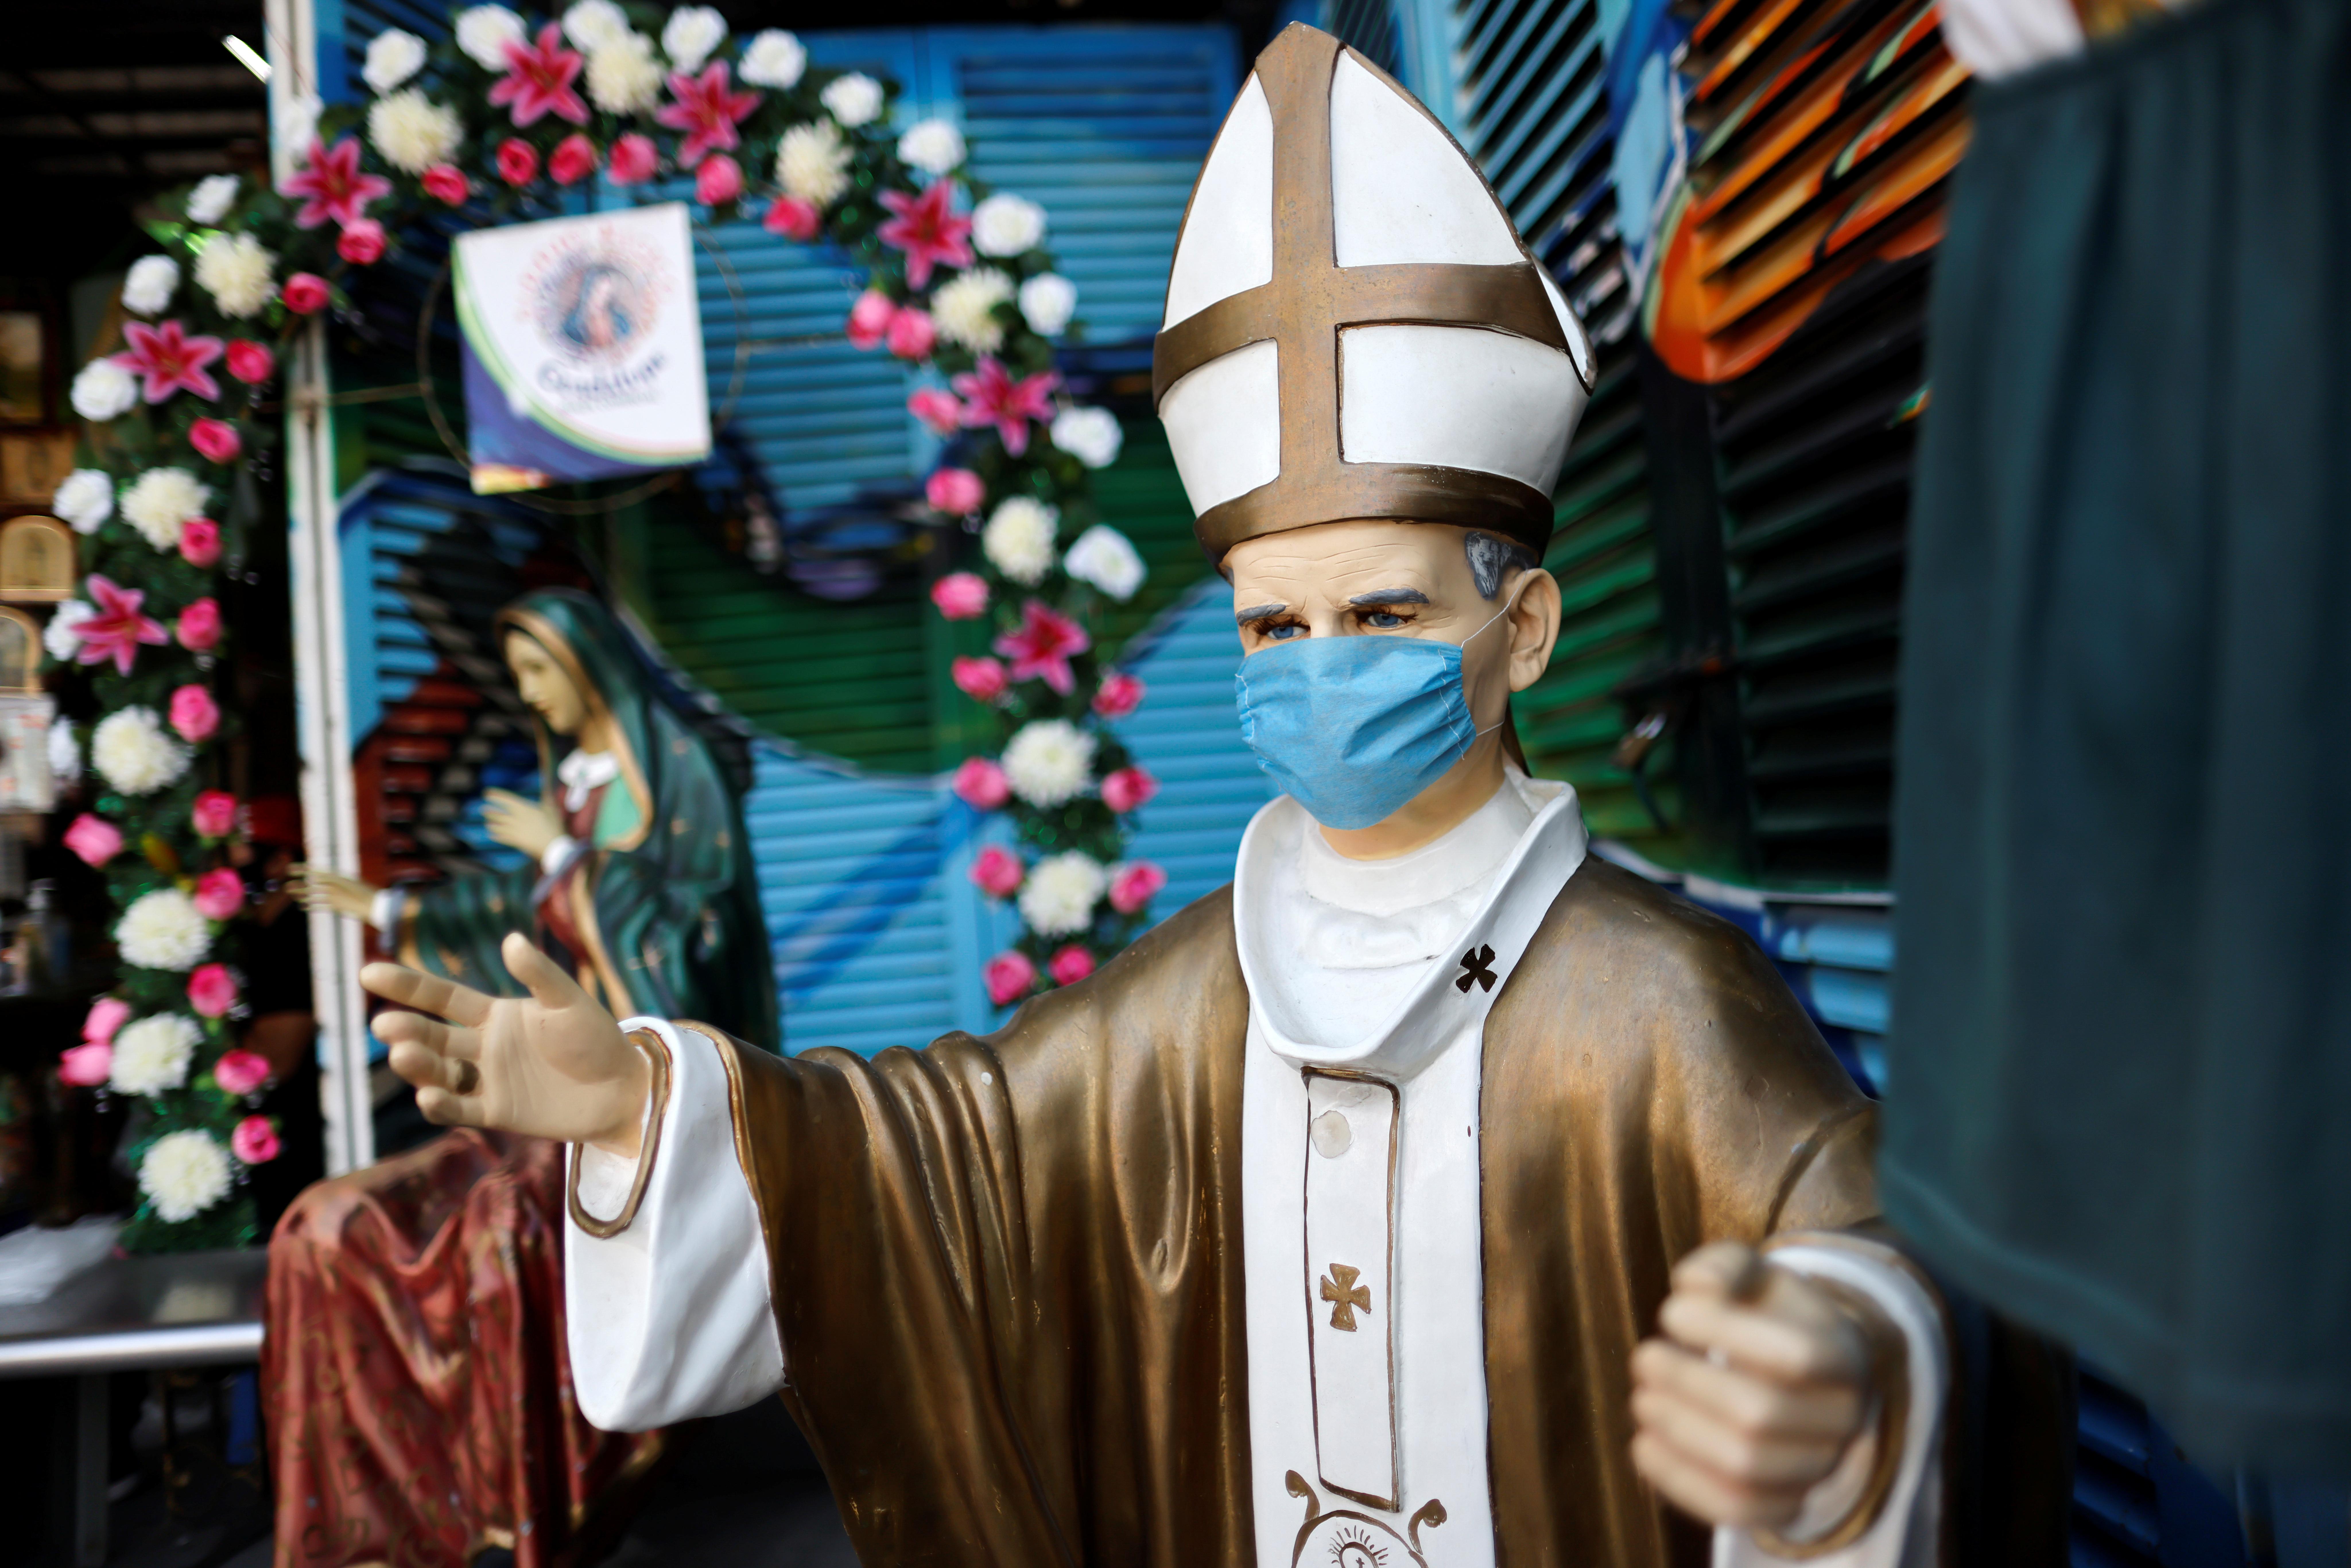 Una figura del difunto Papa Juan Pablo II con una máscara facial se ve cerca de la Basílica de Guadalupe que está temporalmente cerrada para evitar multitudes en el tradicional día de celebración de la Virgen de Guadalupe el 12 de diciembre, en la Ciudad de México, México, 10 de diciembre de 2020.